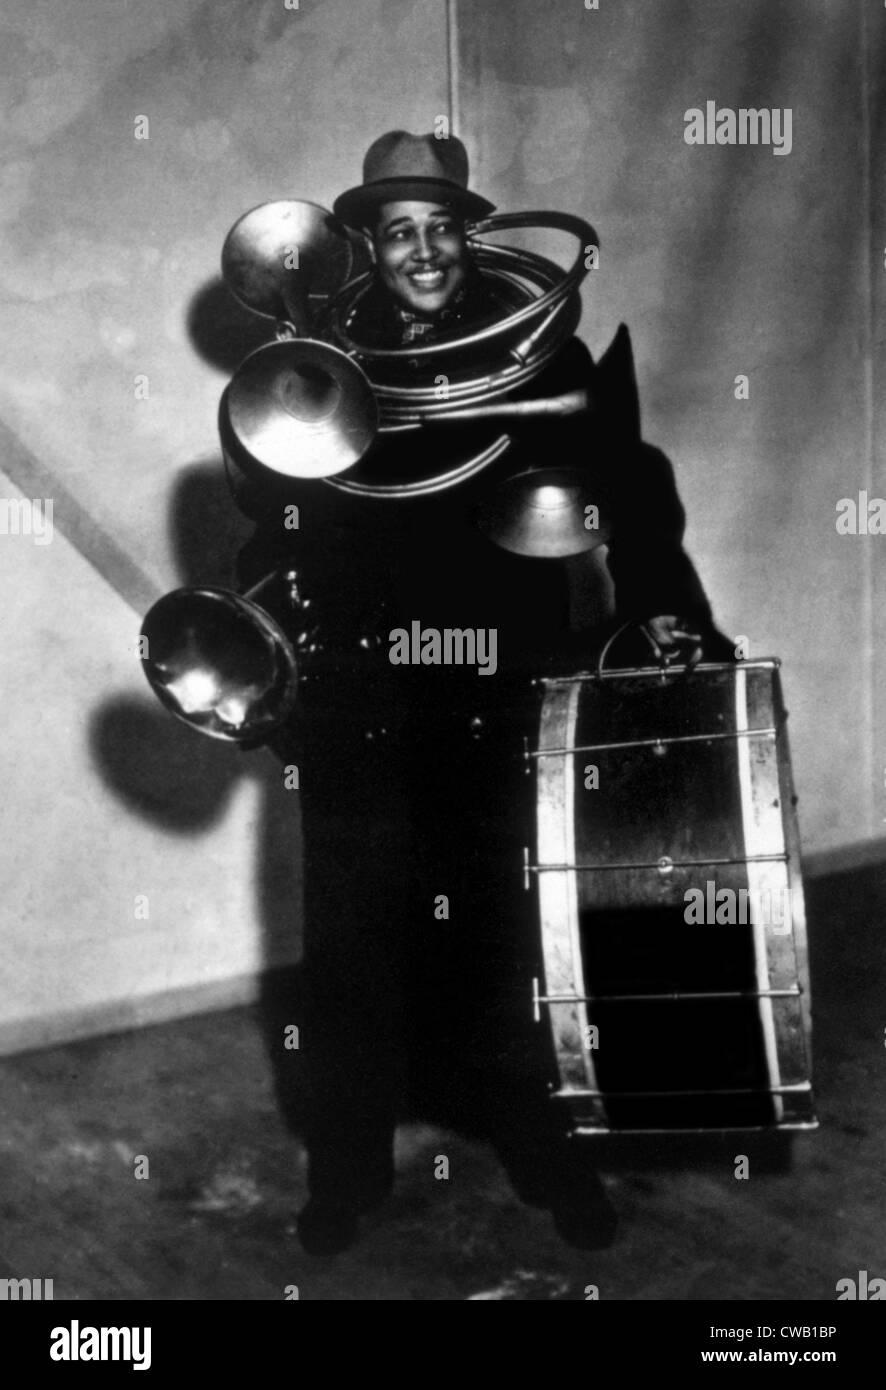 Duke Ellington, 1934 - Stock Image